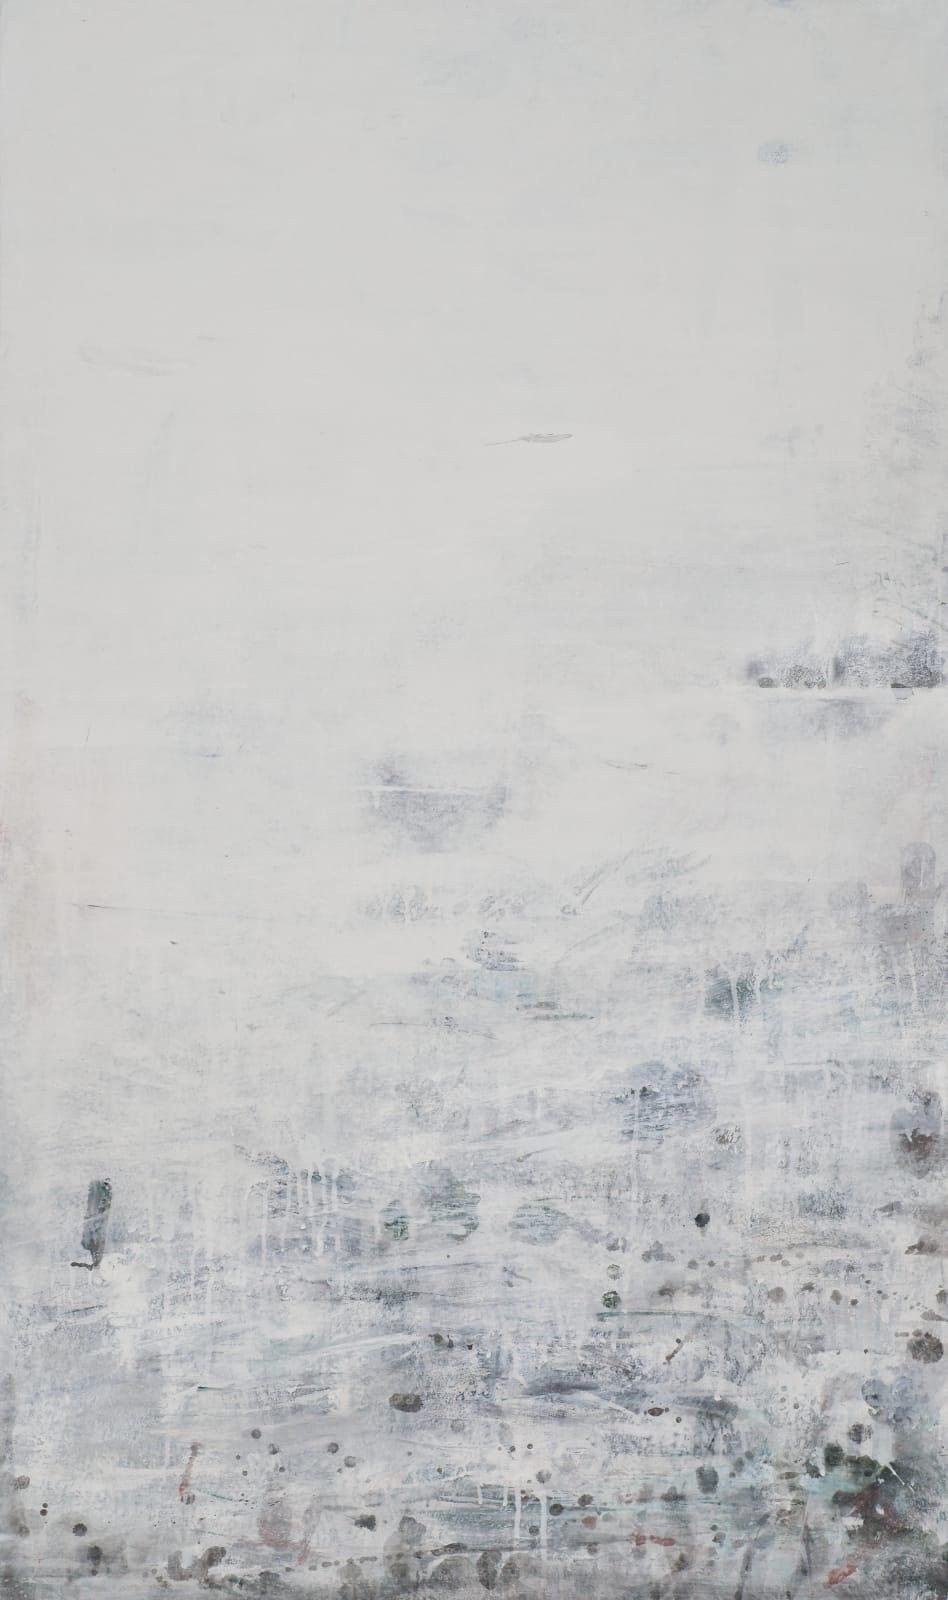 Yan Shanchun 嚴善錞, Beyond the Lake No. 2 湖邊之二, 2010